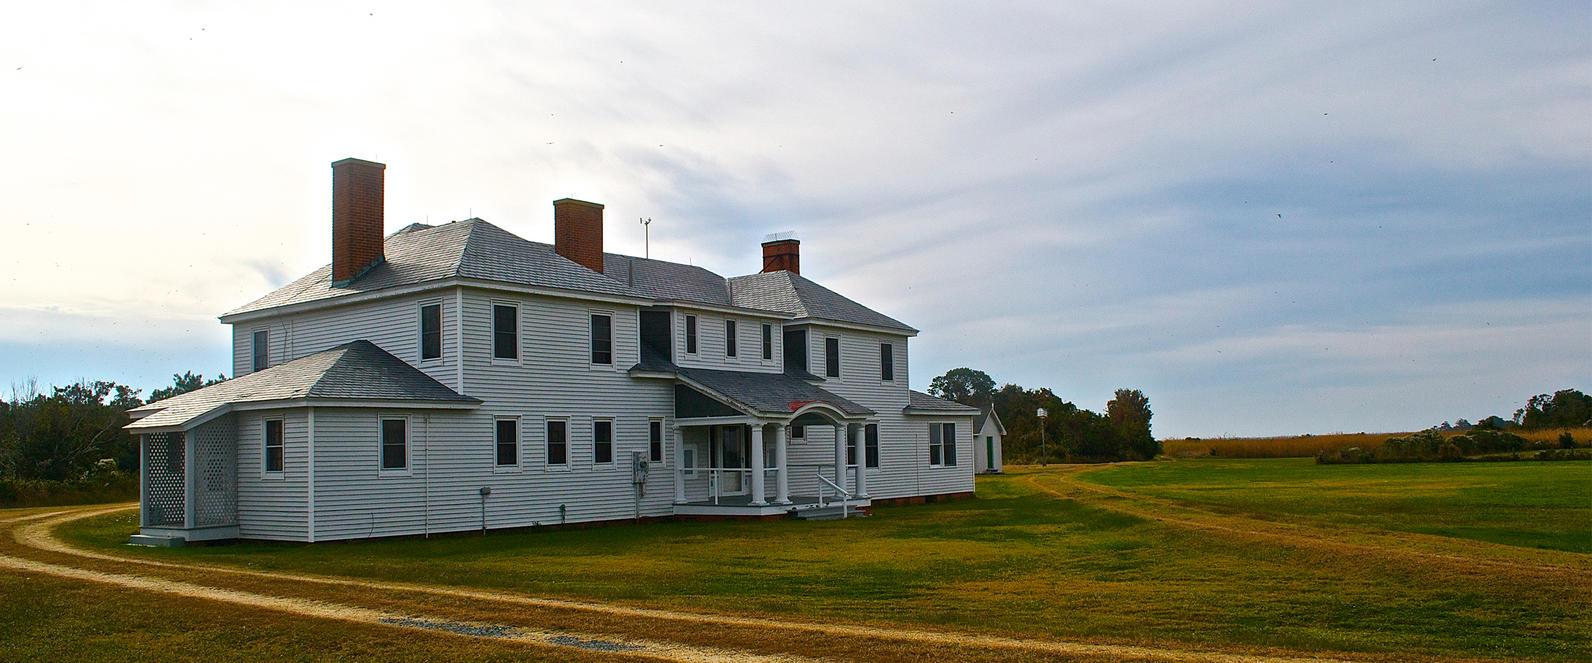 Donal O'Brien Jr. Sanctuary and Audubon Center Lodge